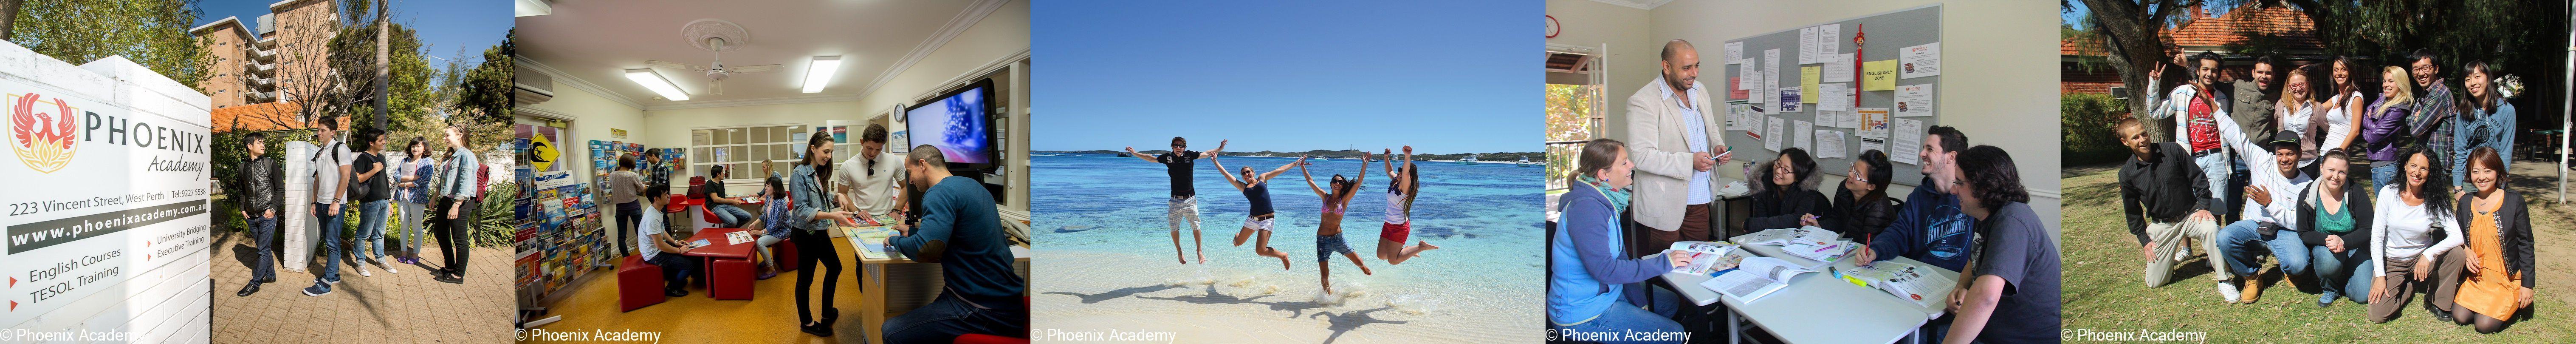 澳洲伯斯Phoenix Academy 1-horz